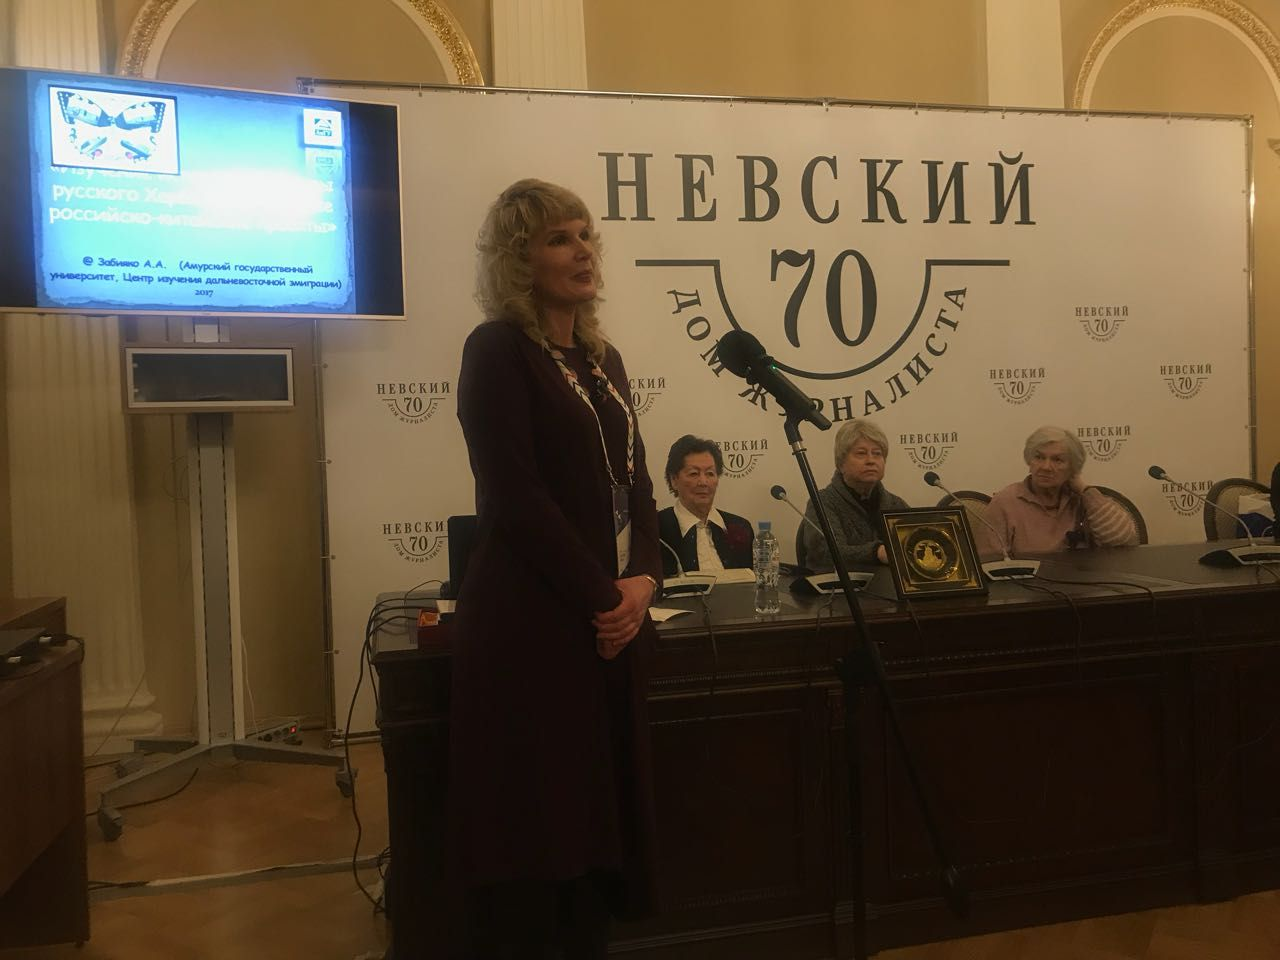 Встреча с бывшими харбинцами. Санкт-Петербург,  ноябрь 2017. Дом Журналиста